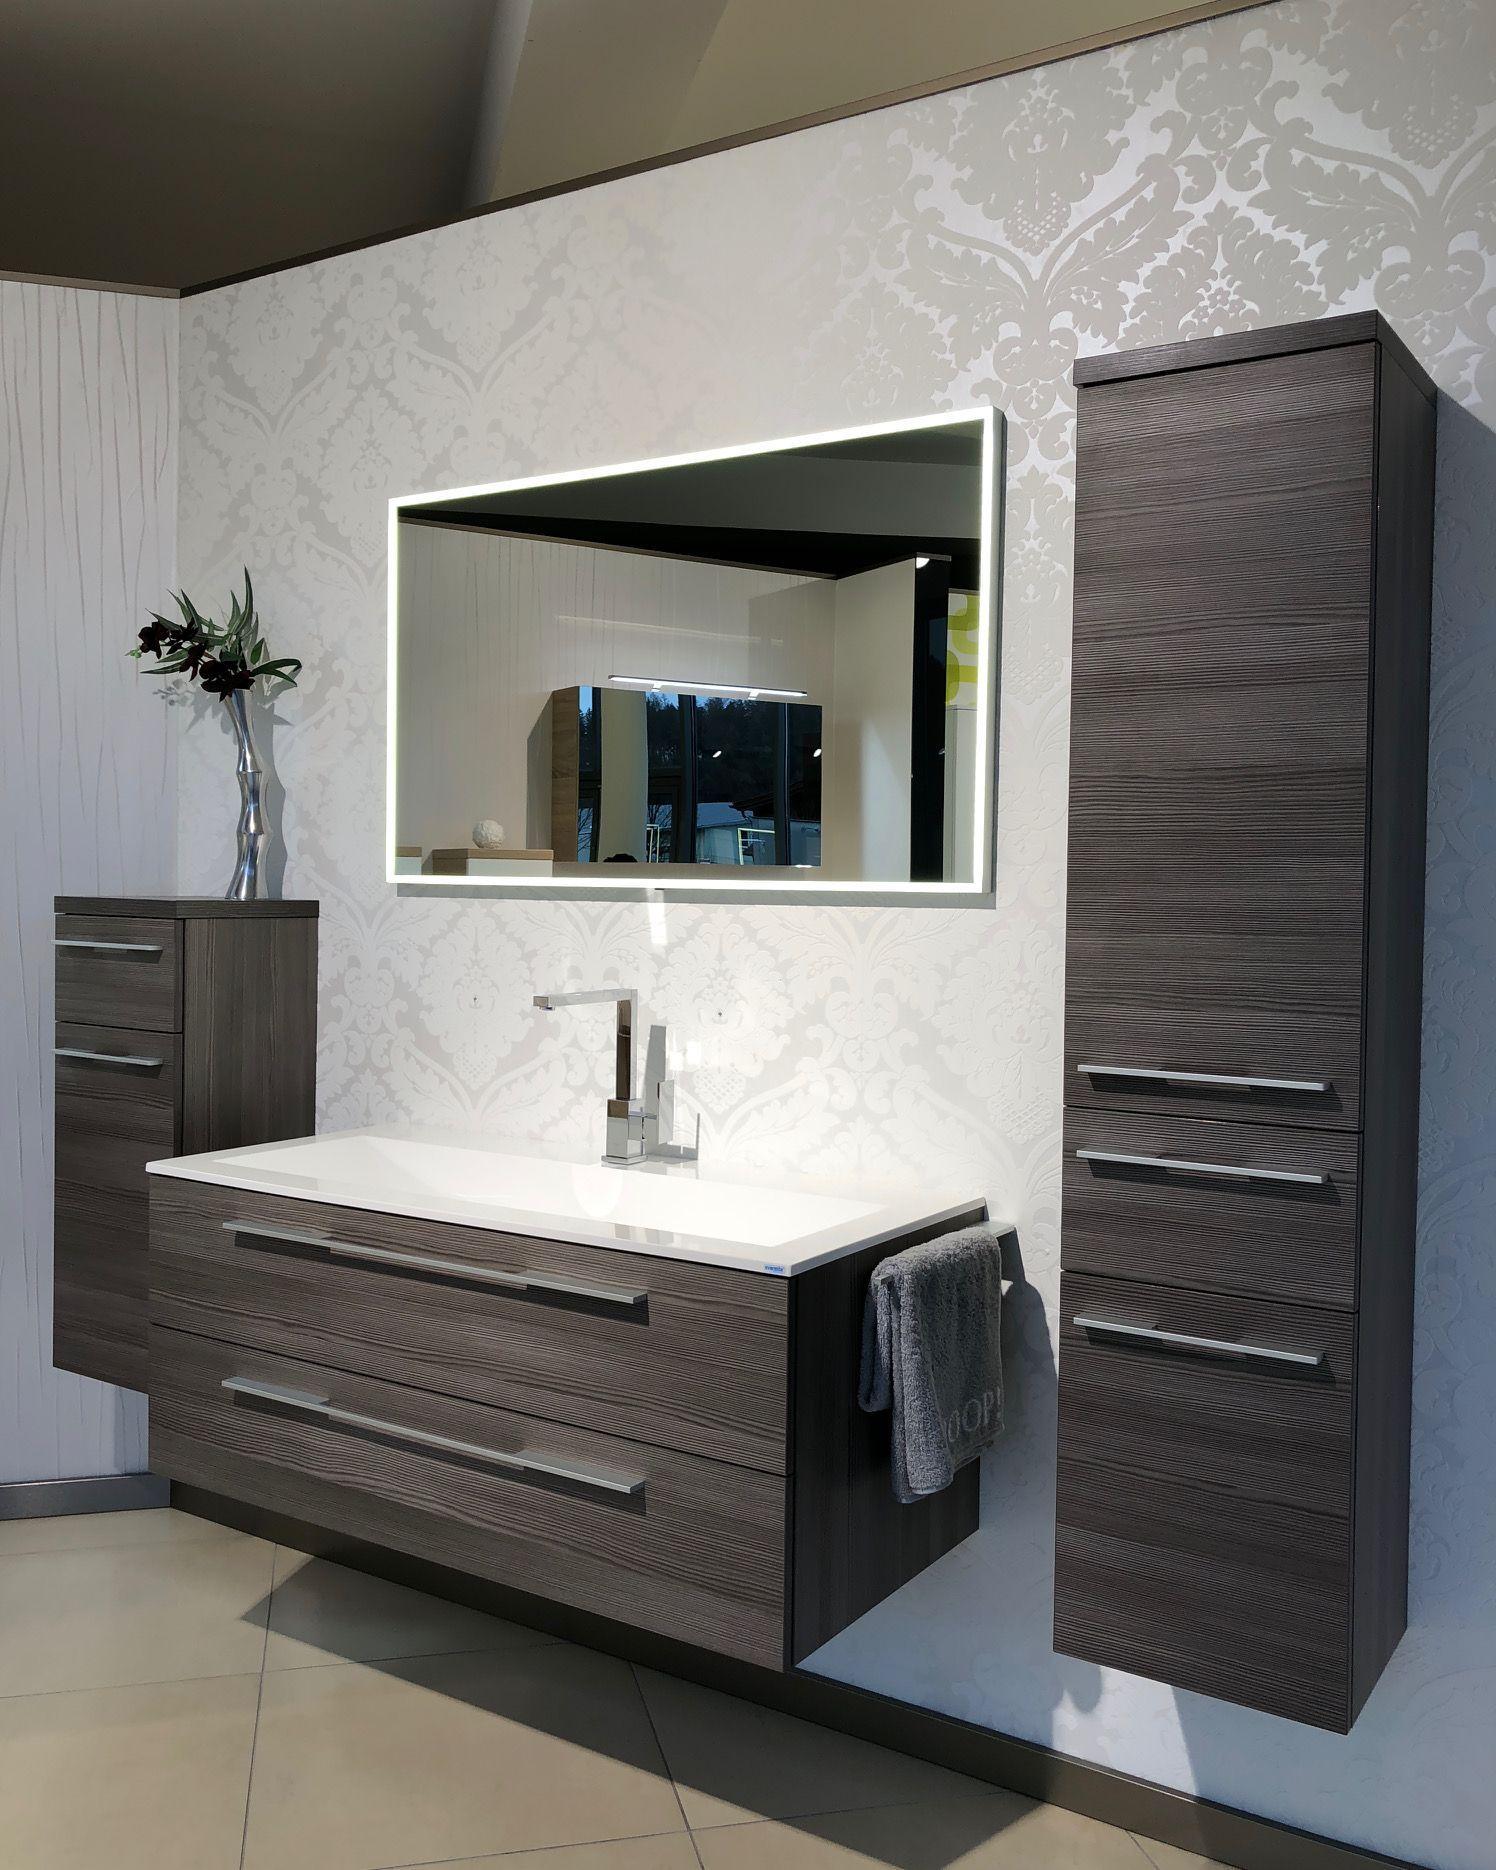 Badezimmer Badmobel Badezimmermobel Badmobel Set Spiegelschrank Bad Badezimmerschrank Badspi In 2020 Bathroom Furniture Storage Bathroom Makeover Bathroom Design